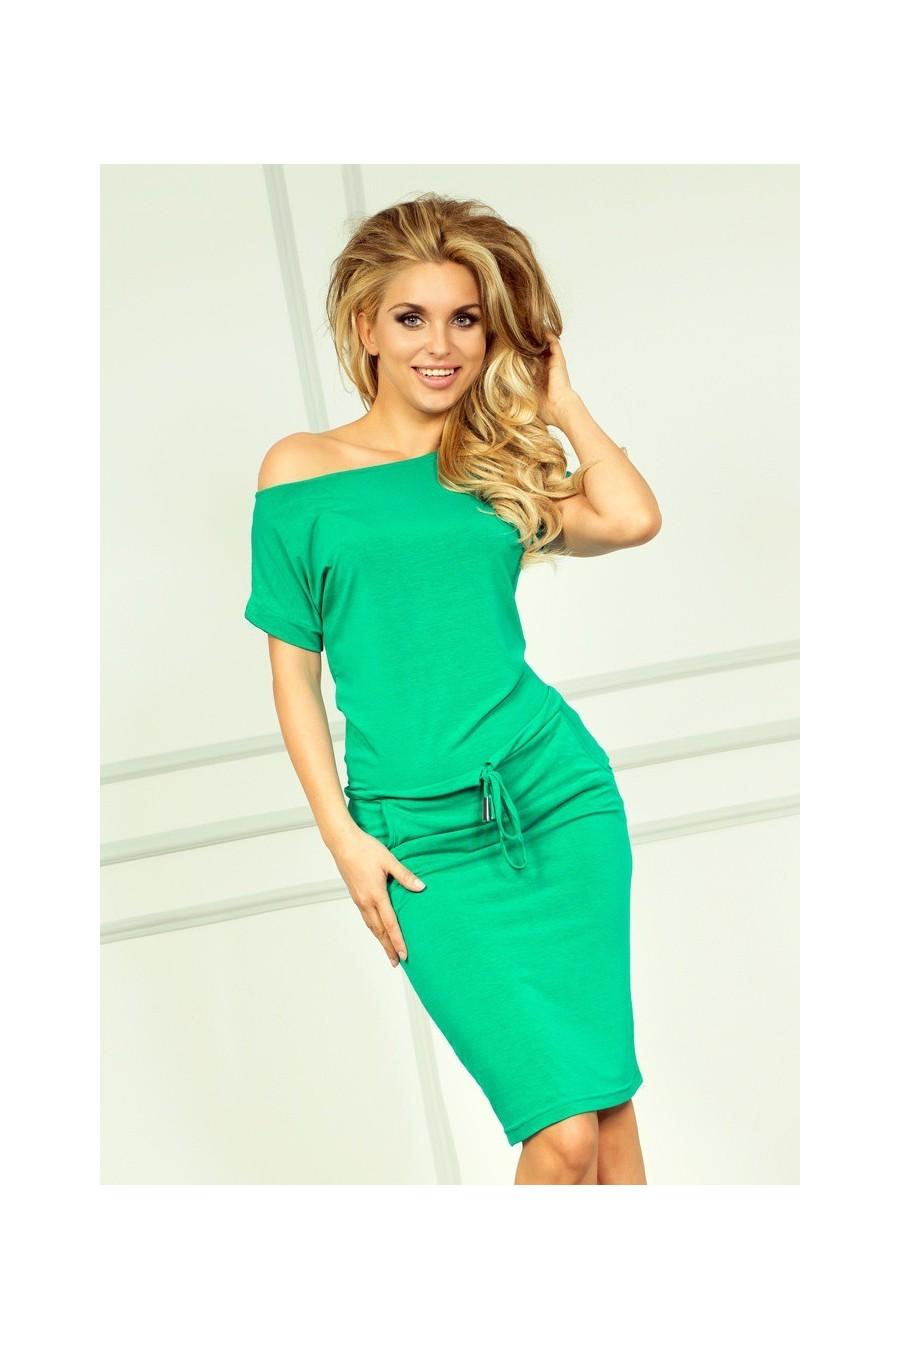 Sportovní šaty - NEON zelená 56-2